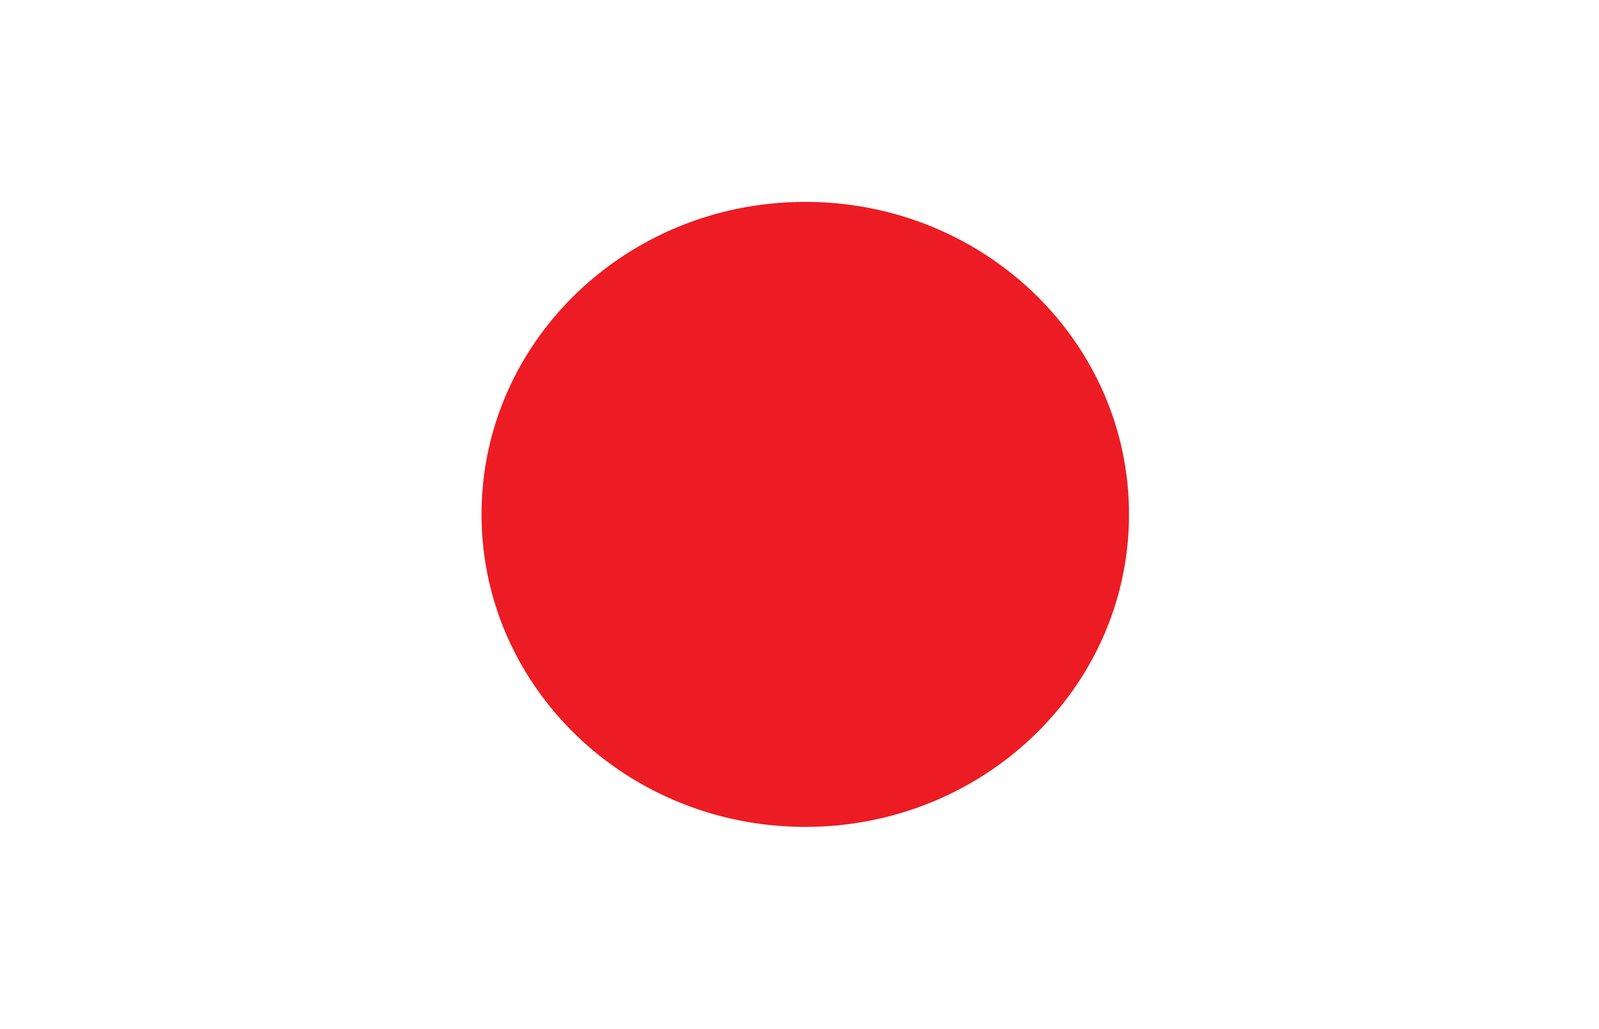 Free Bandeira Do Japao Stock Photo